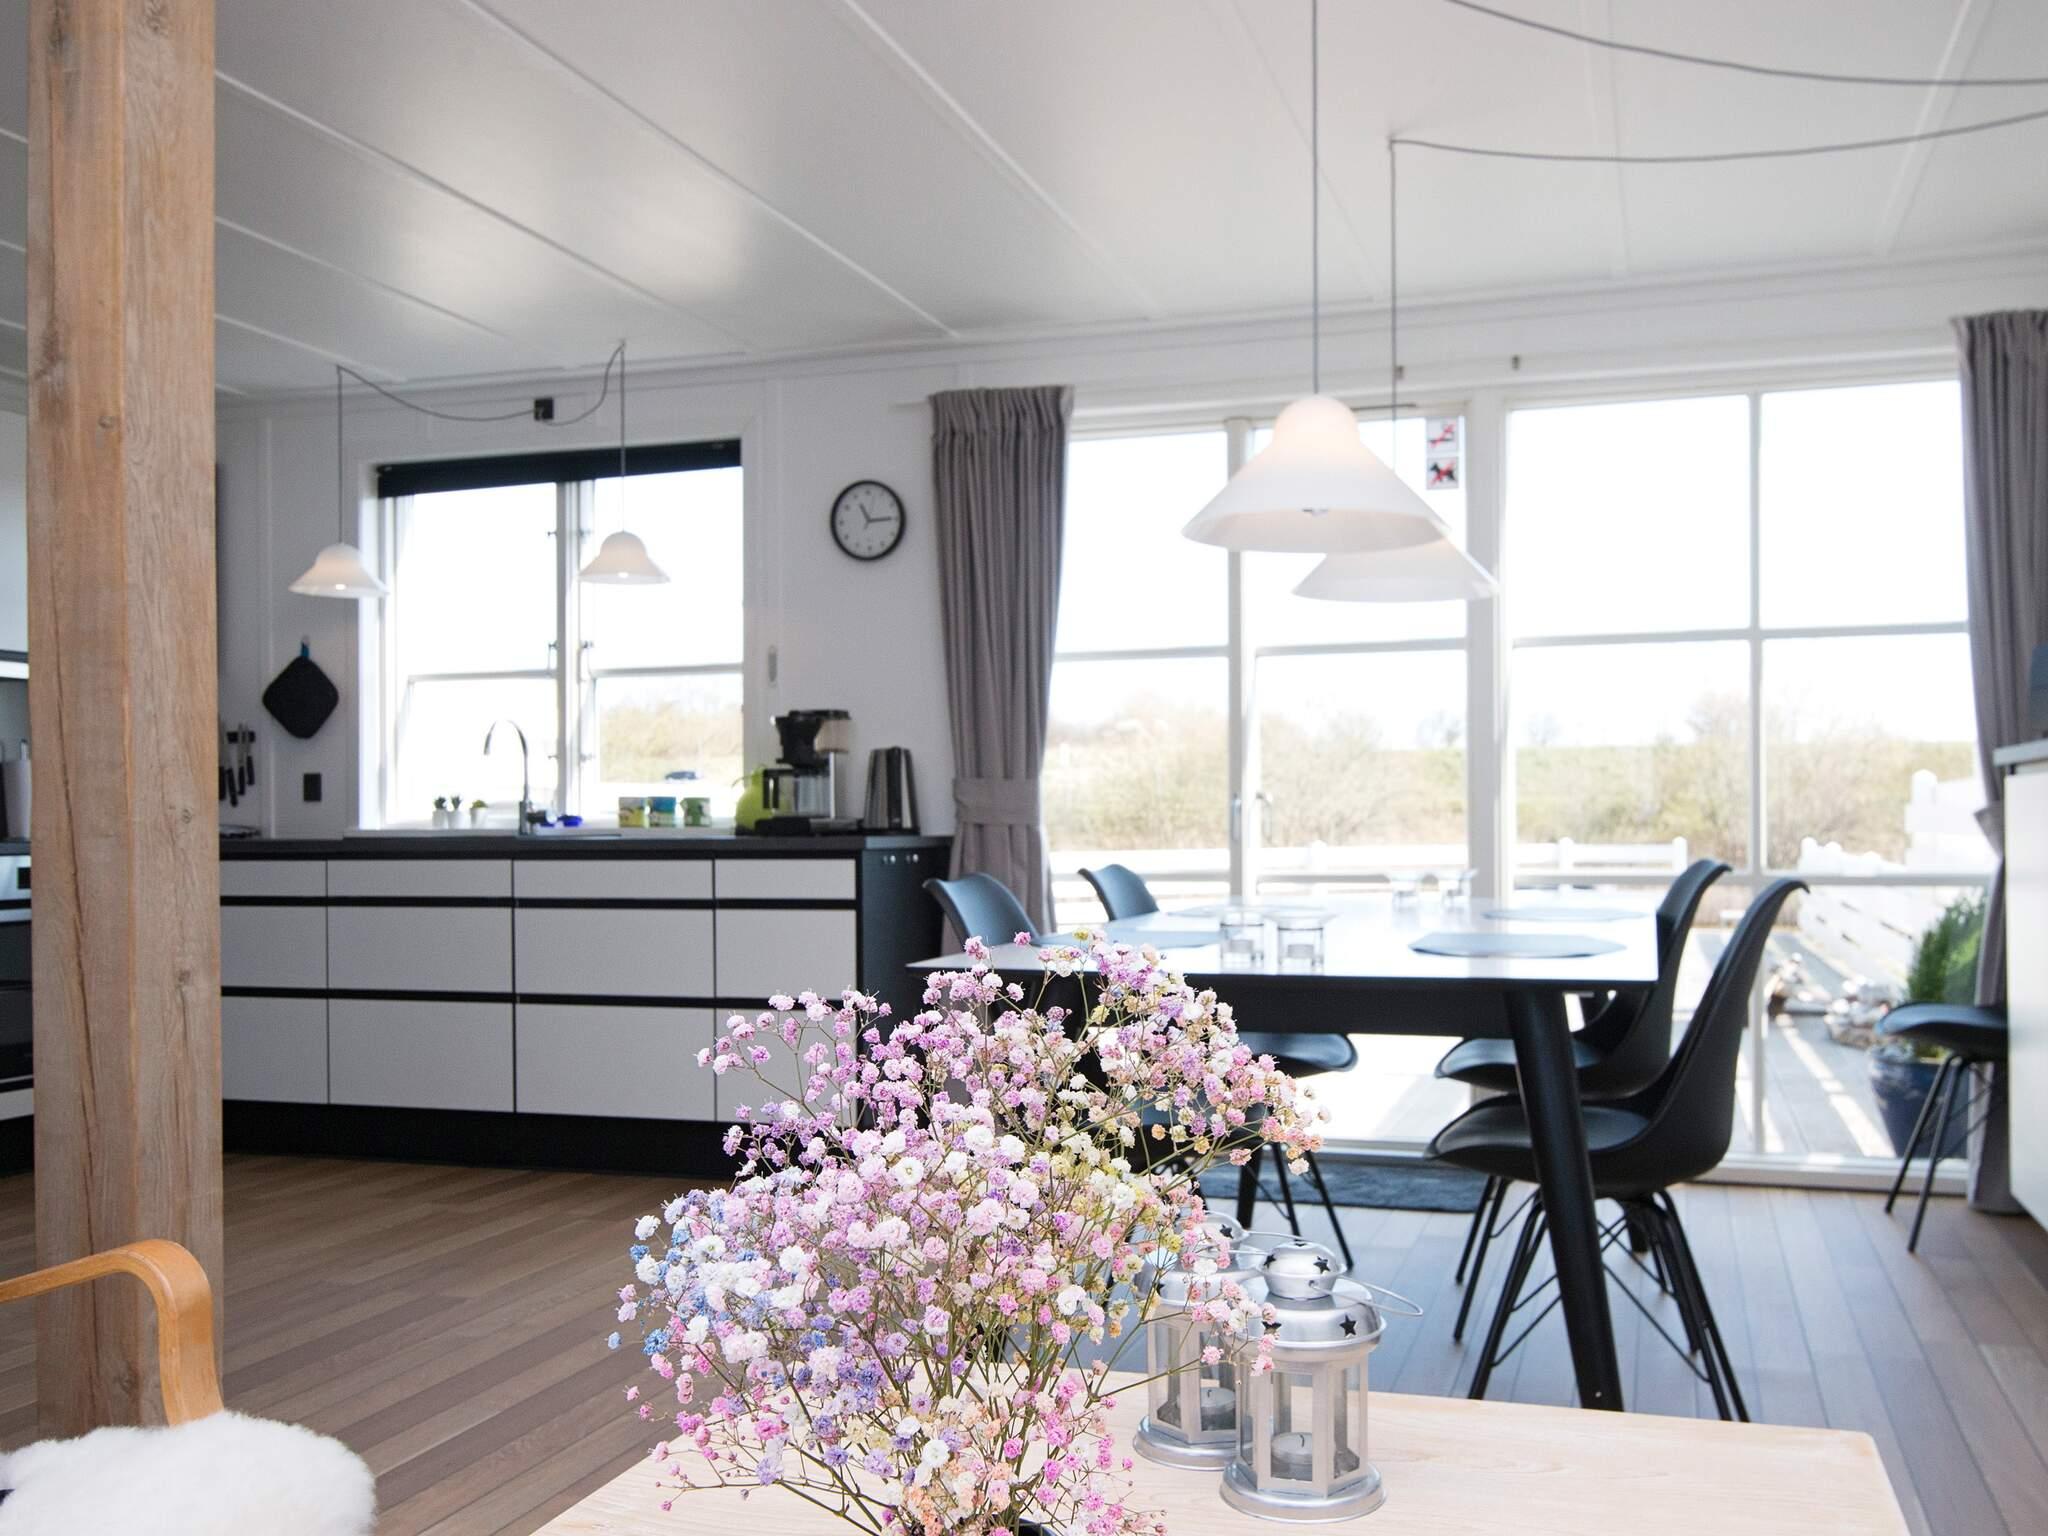 Ferienwohnung Øer Maritime Ferieby - Typ 1 - 3 Zimmer,2 Ebenen (921102), Øerne, , Dänische Ostsee, Dänemark, Bild 3